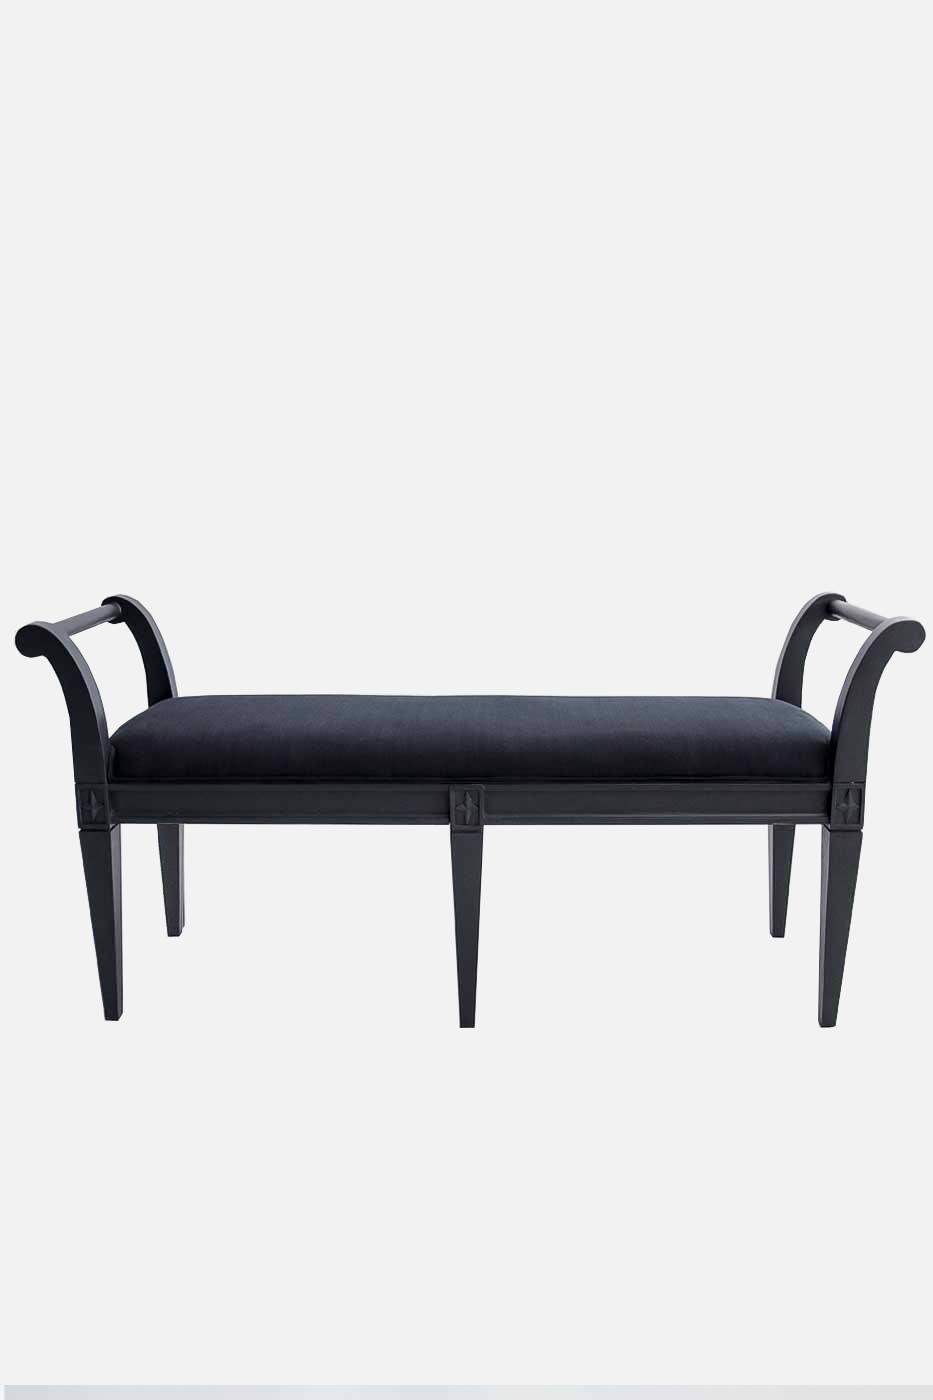 Bänk taburett 120 cm svart